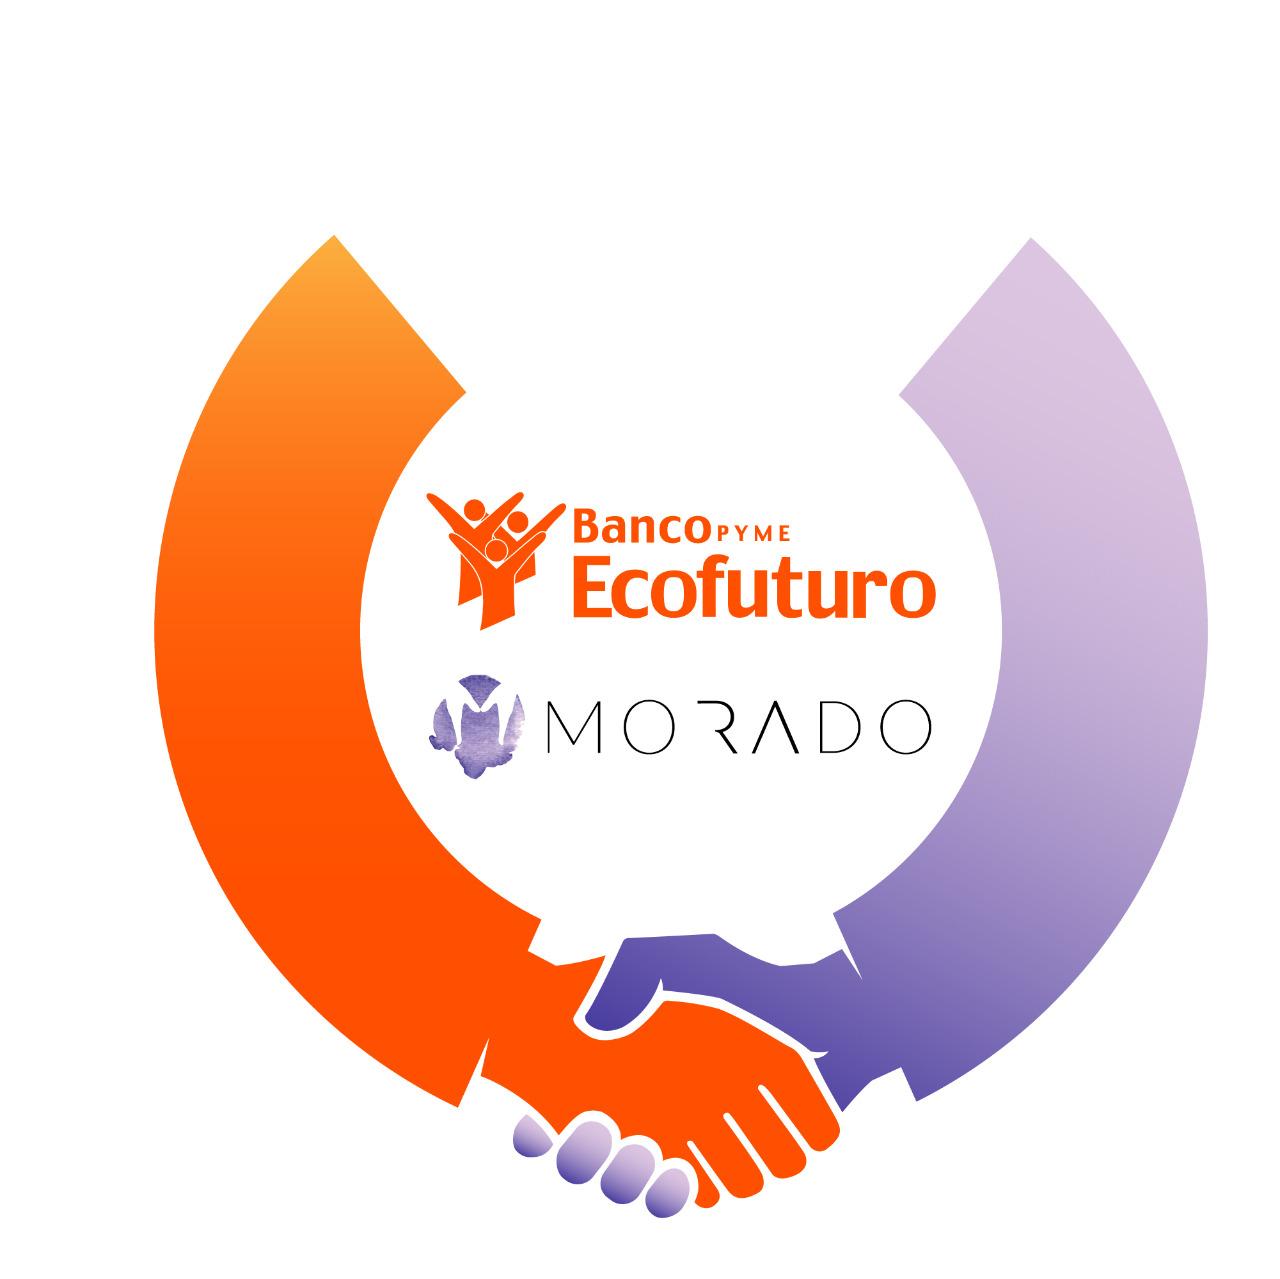 Ecofuturo y Morado juntos para impulsar la exportación de productos hechos por manos bolivianas